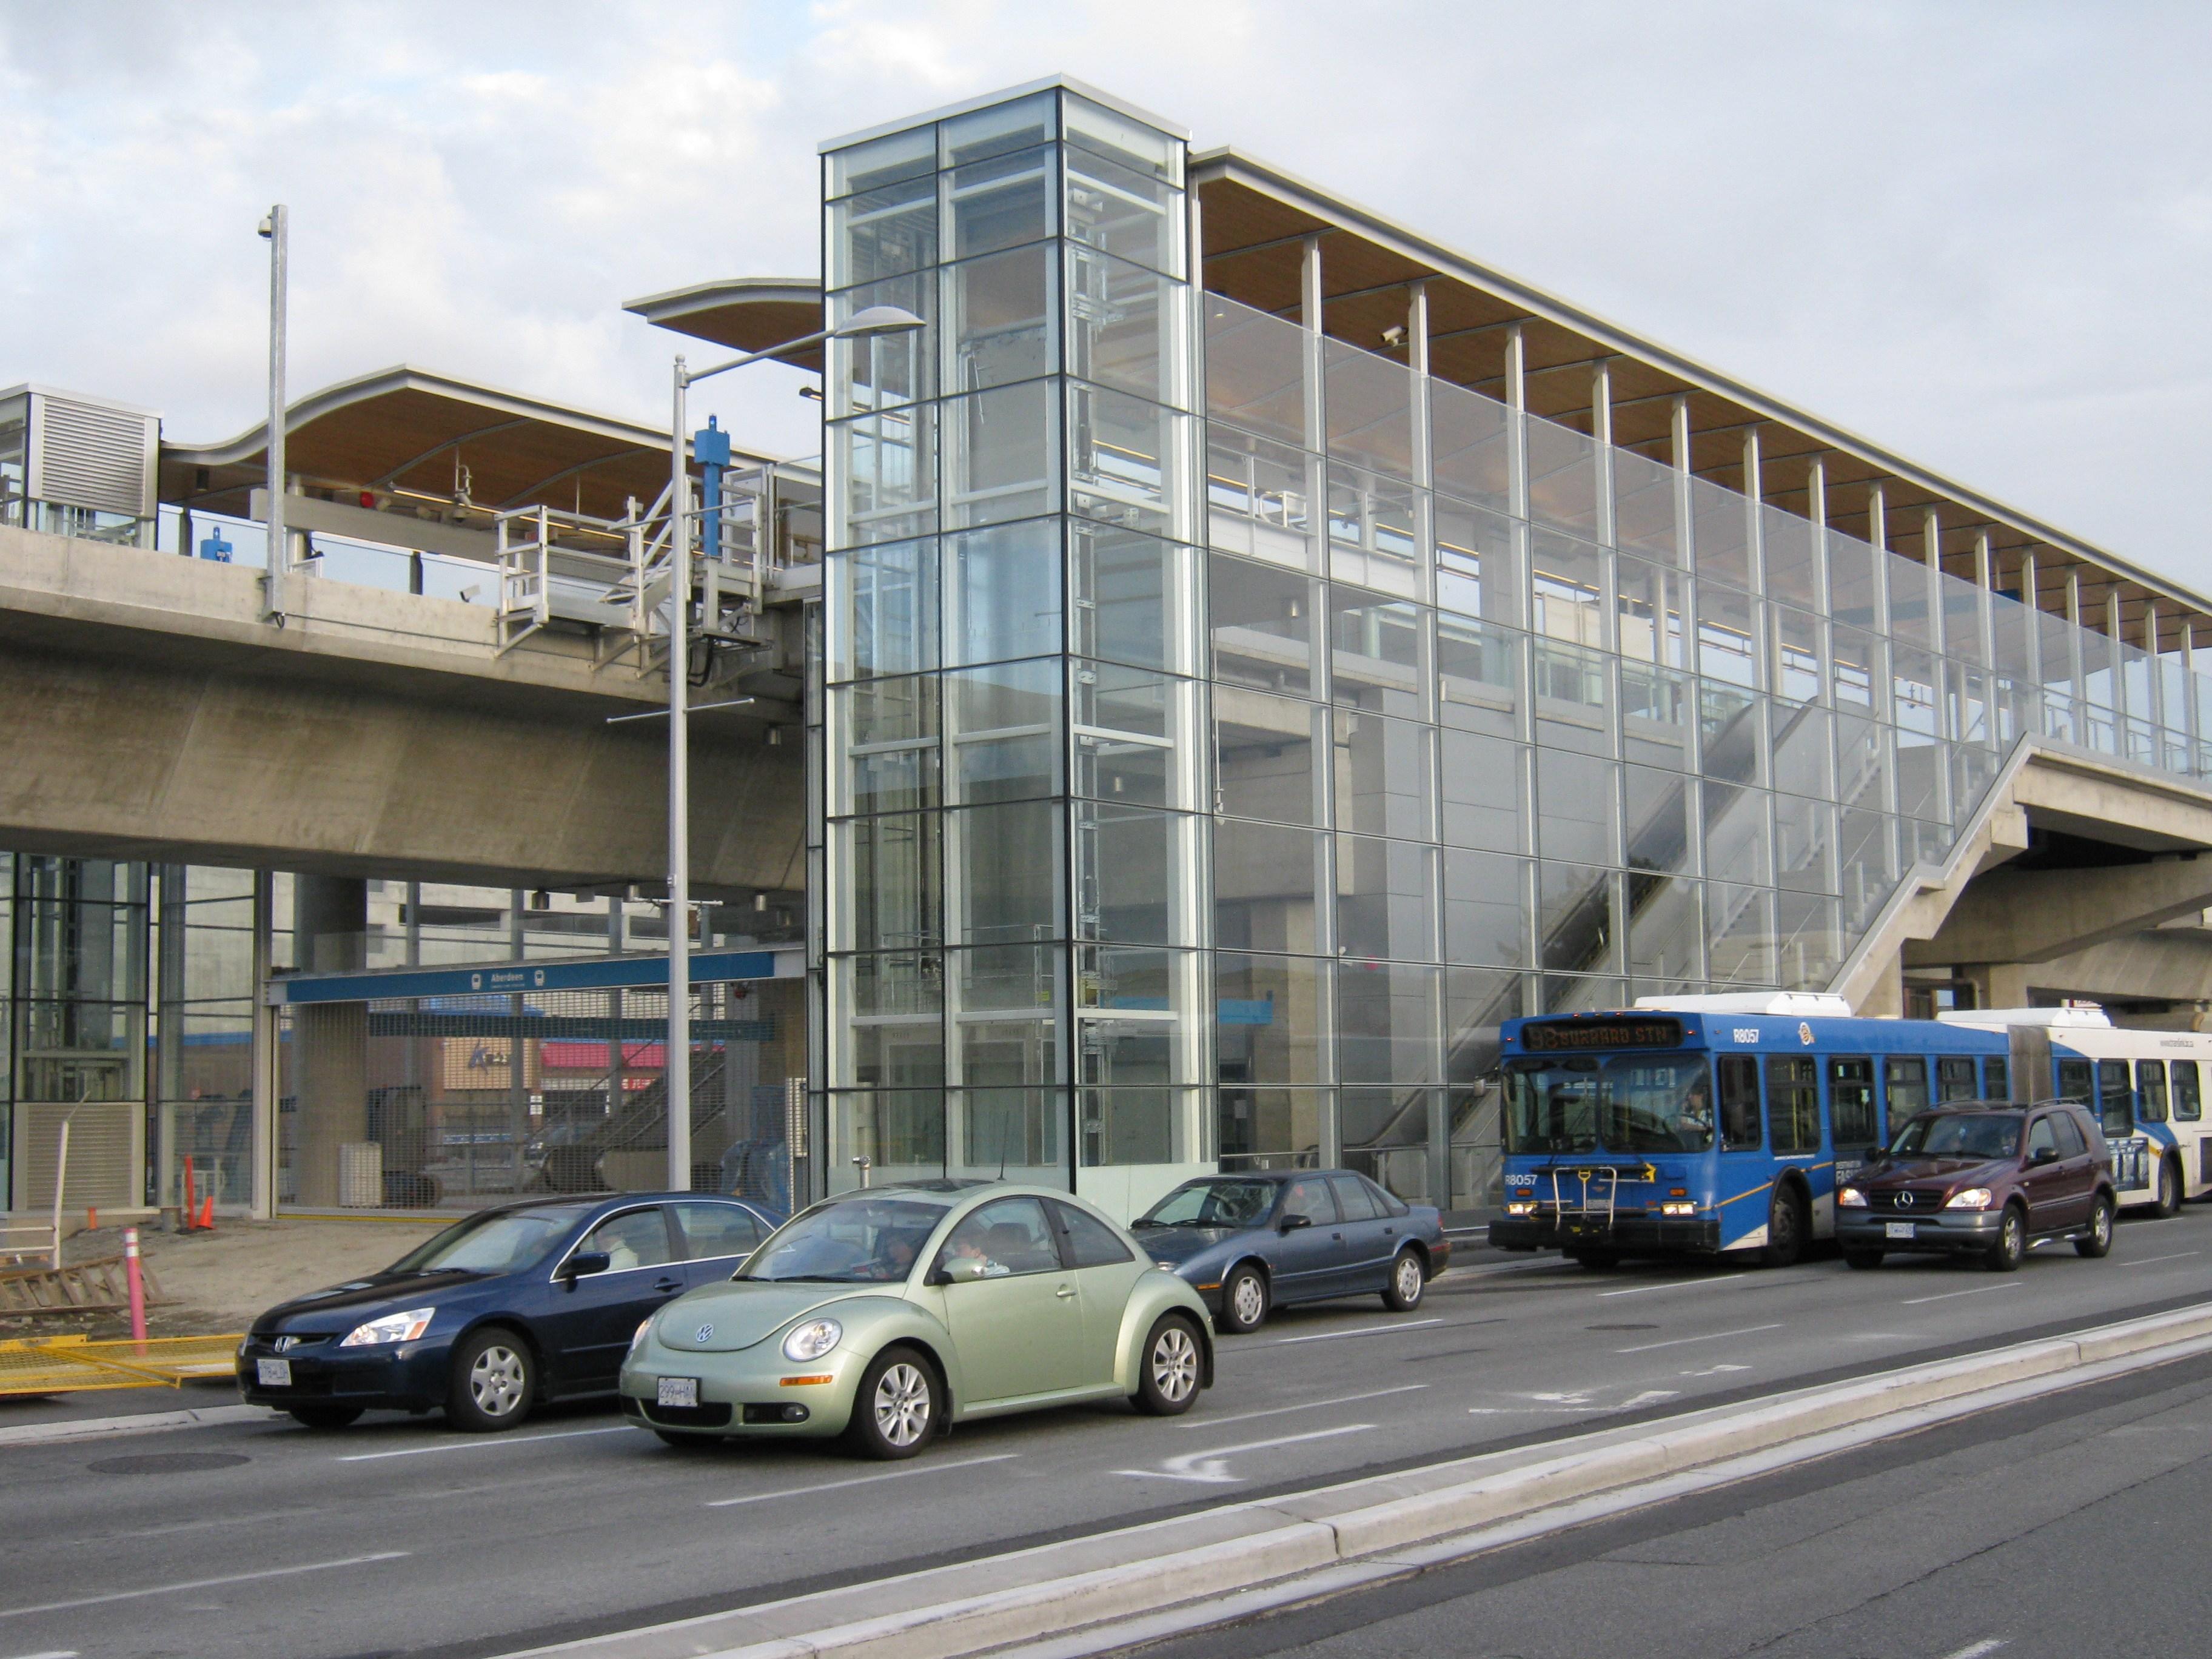 Aberdeen Station (TransLink), Richmond, British Columbia